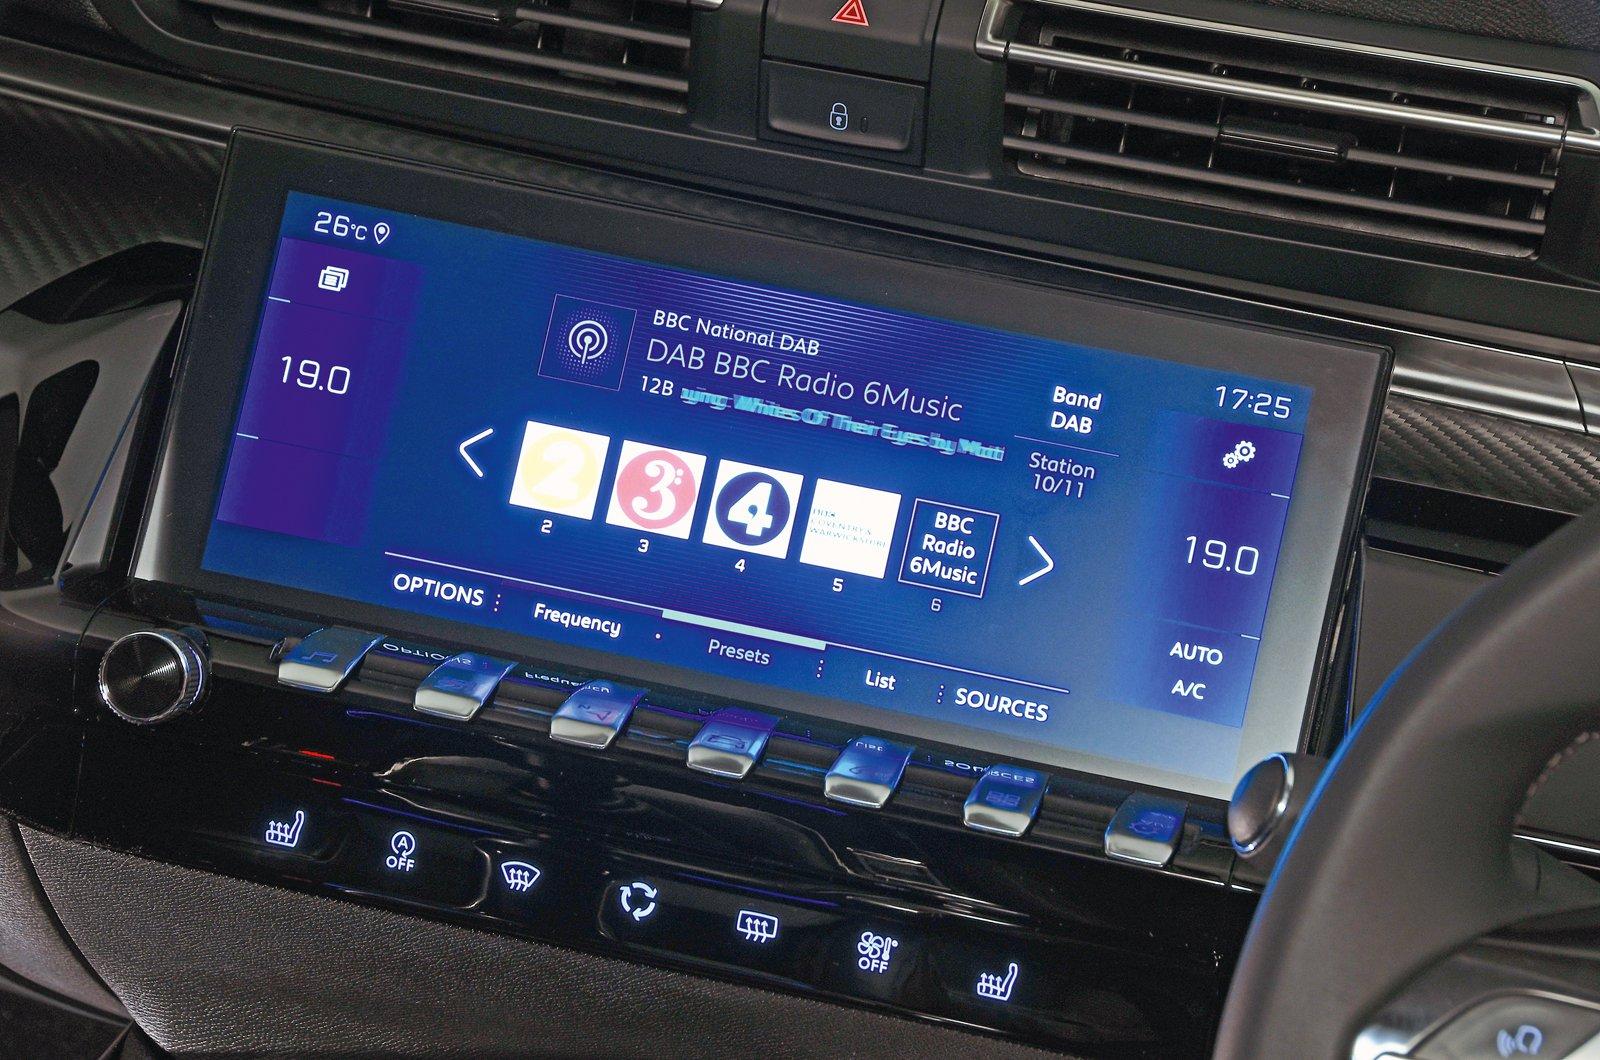 Peugeot 508 touchscreen